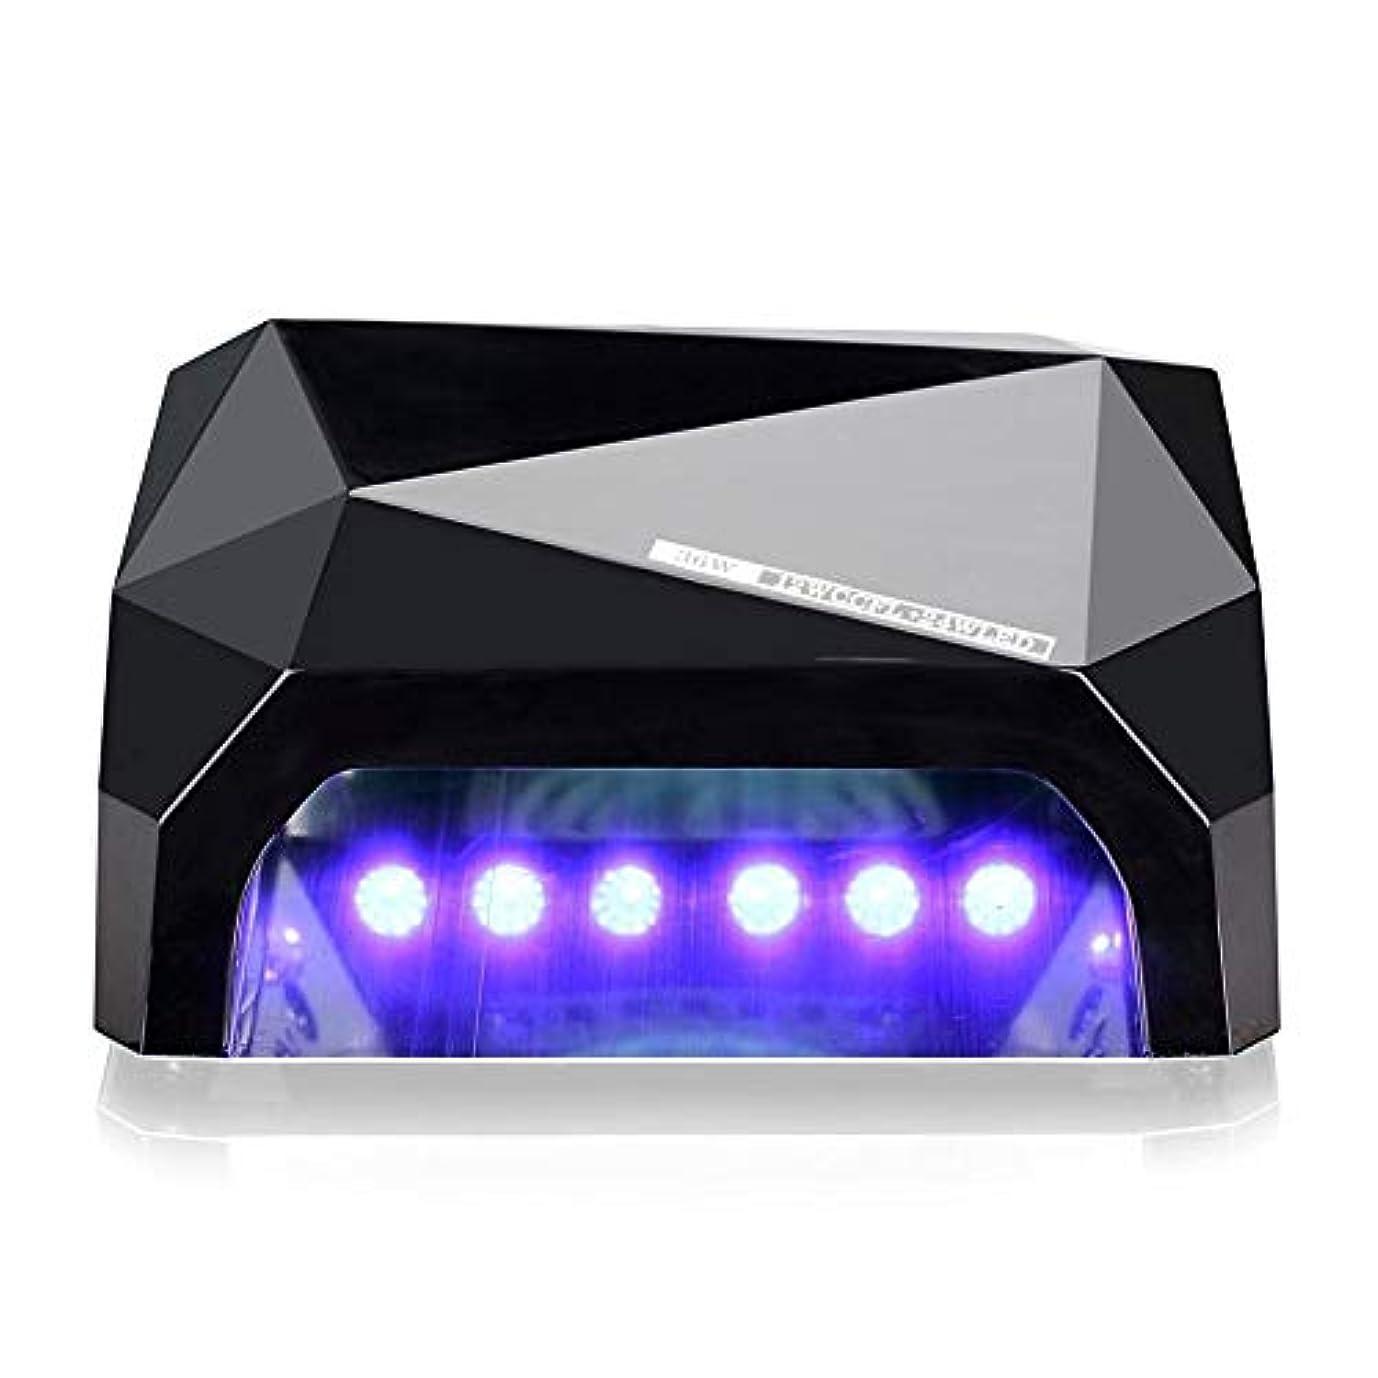 受け継ぐ五十ドキドキ36W LED UVネイルランプネイルライトドライヤー用硬化ジェルネイルポリッシュ用ネイルアートマニキュアツール3タイムプレセット(10秒30秒60秒)6色